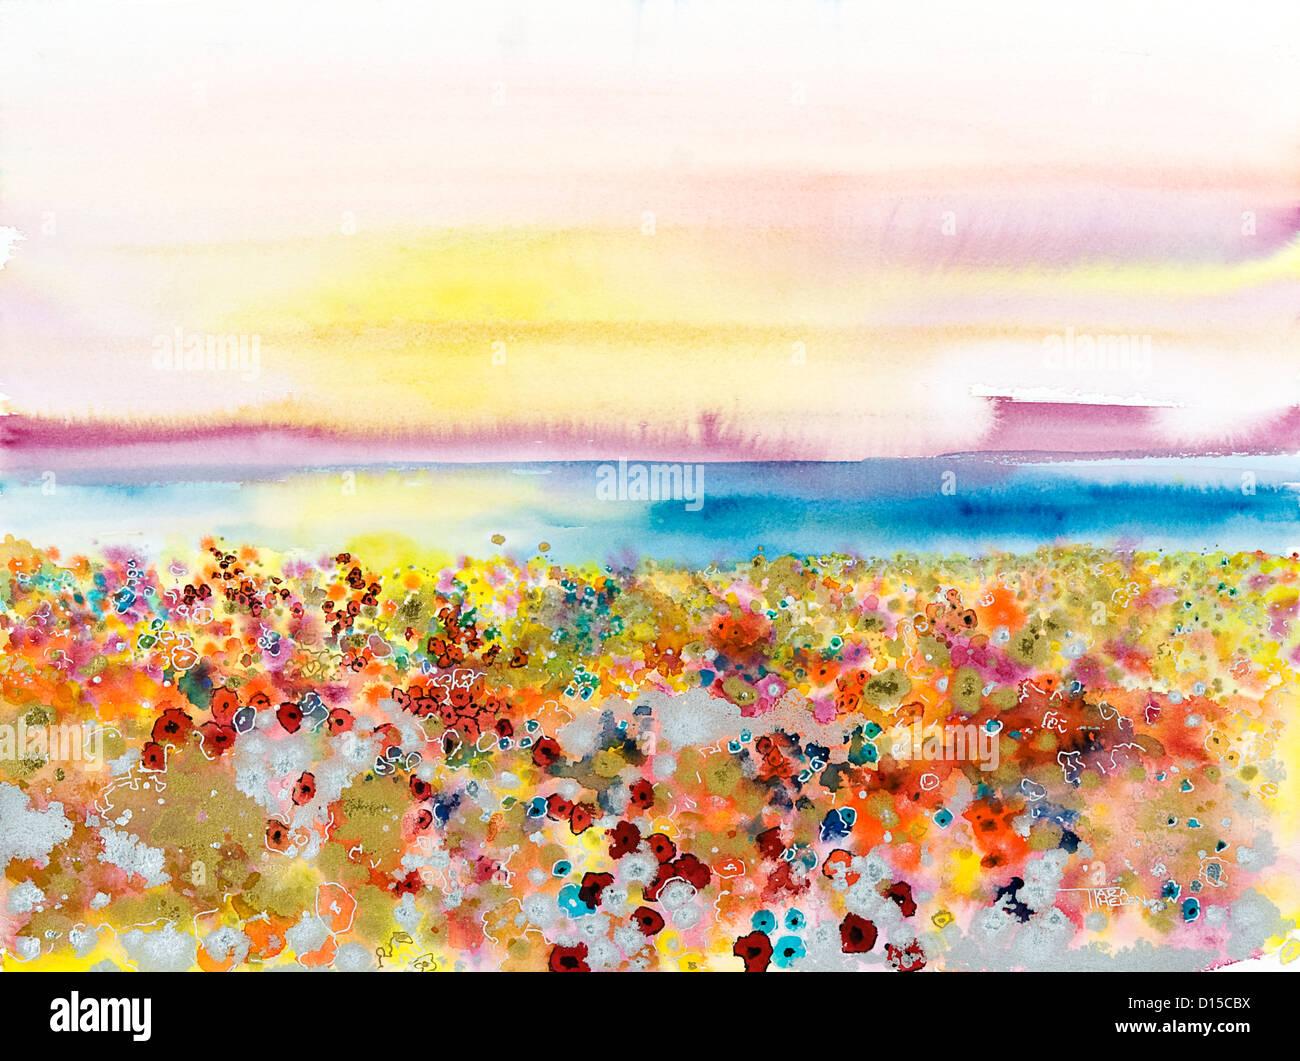 Bereich Der Freude Abstrakte Landschaft Von Bejeweled Blumenfeld Aquarell Stockfotografie Alamy